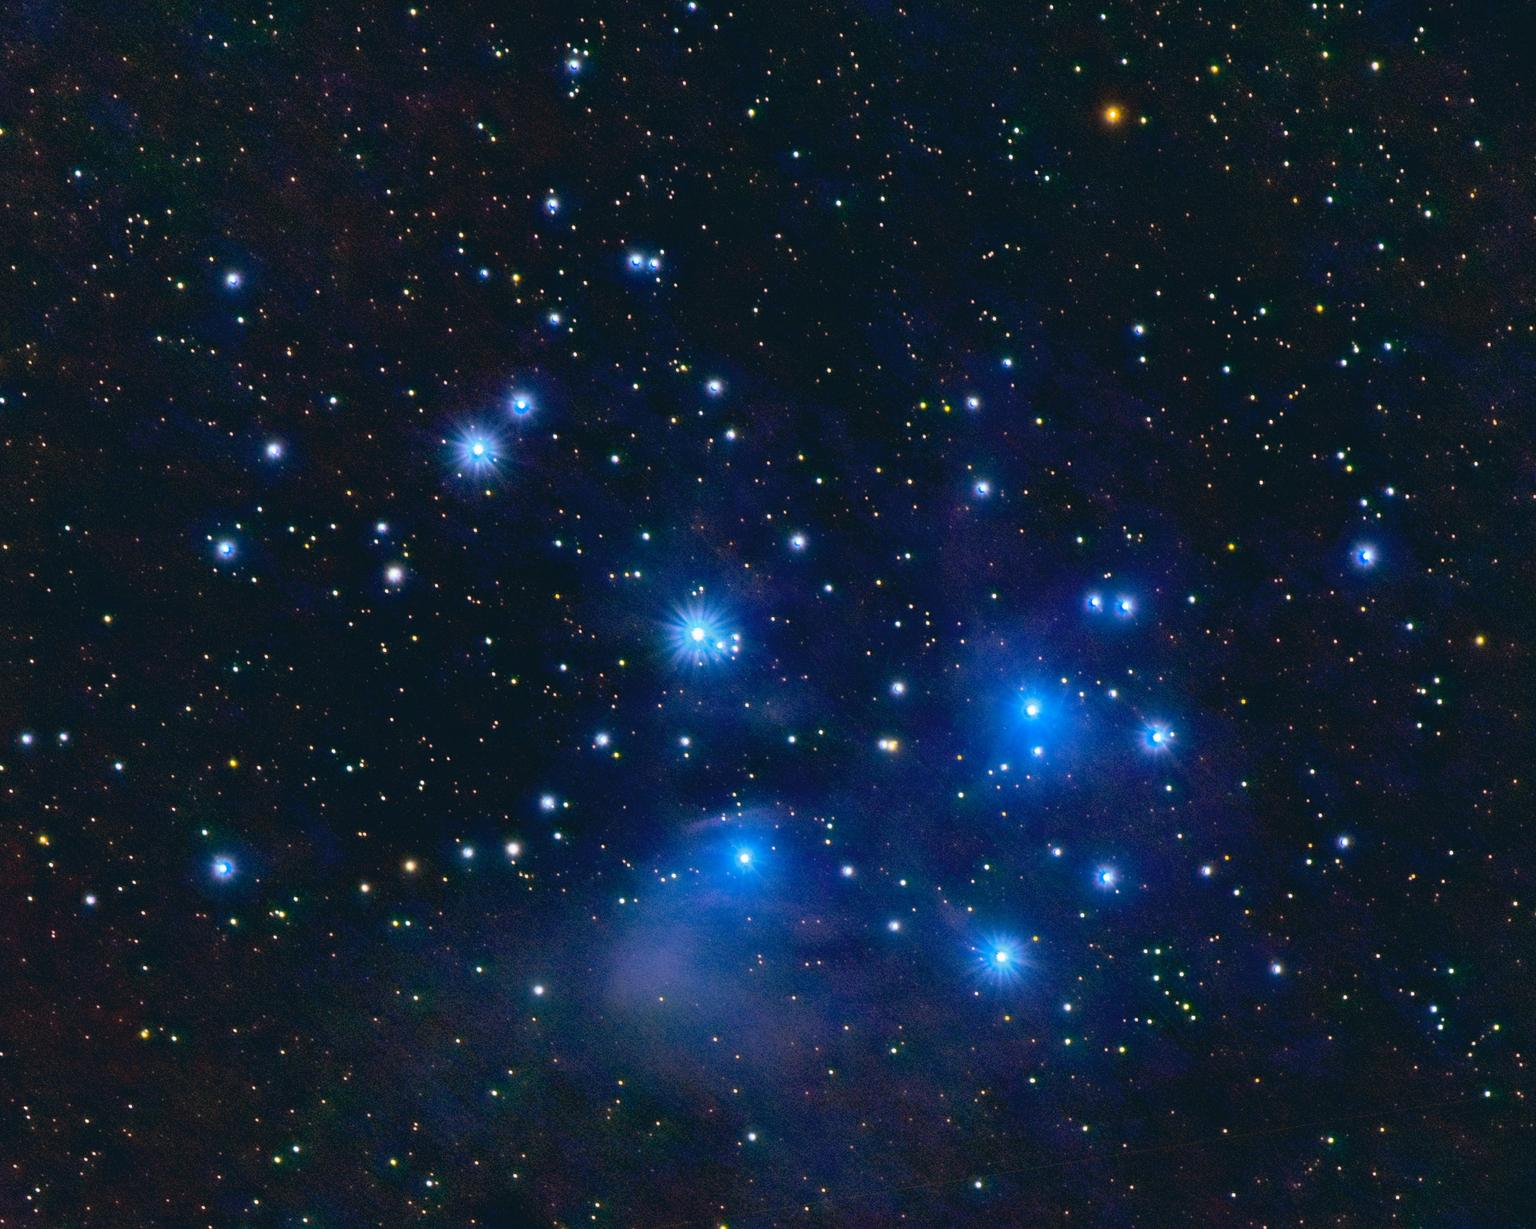 M45 Pleiaden - Opnames gemaakt op 2 maart 2021 met Nikon D7200 en Tamron 100-400 mm. Gebruikte brandpuntsafstand van 300mm en f/7.1.  De iOptron Skyguider Pro voor  - foto door ALEBruil op 15-04-2021 - locatie: Houten, Nederland - deze foto bevat: astrofotografie, pleiaden, m45, astronomisch object, wetenschap, ster, elektrisch blauw, ruimte, patroon, heelal, symmetrie, ruimte, universum